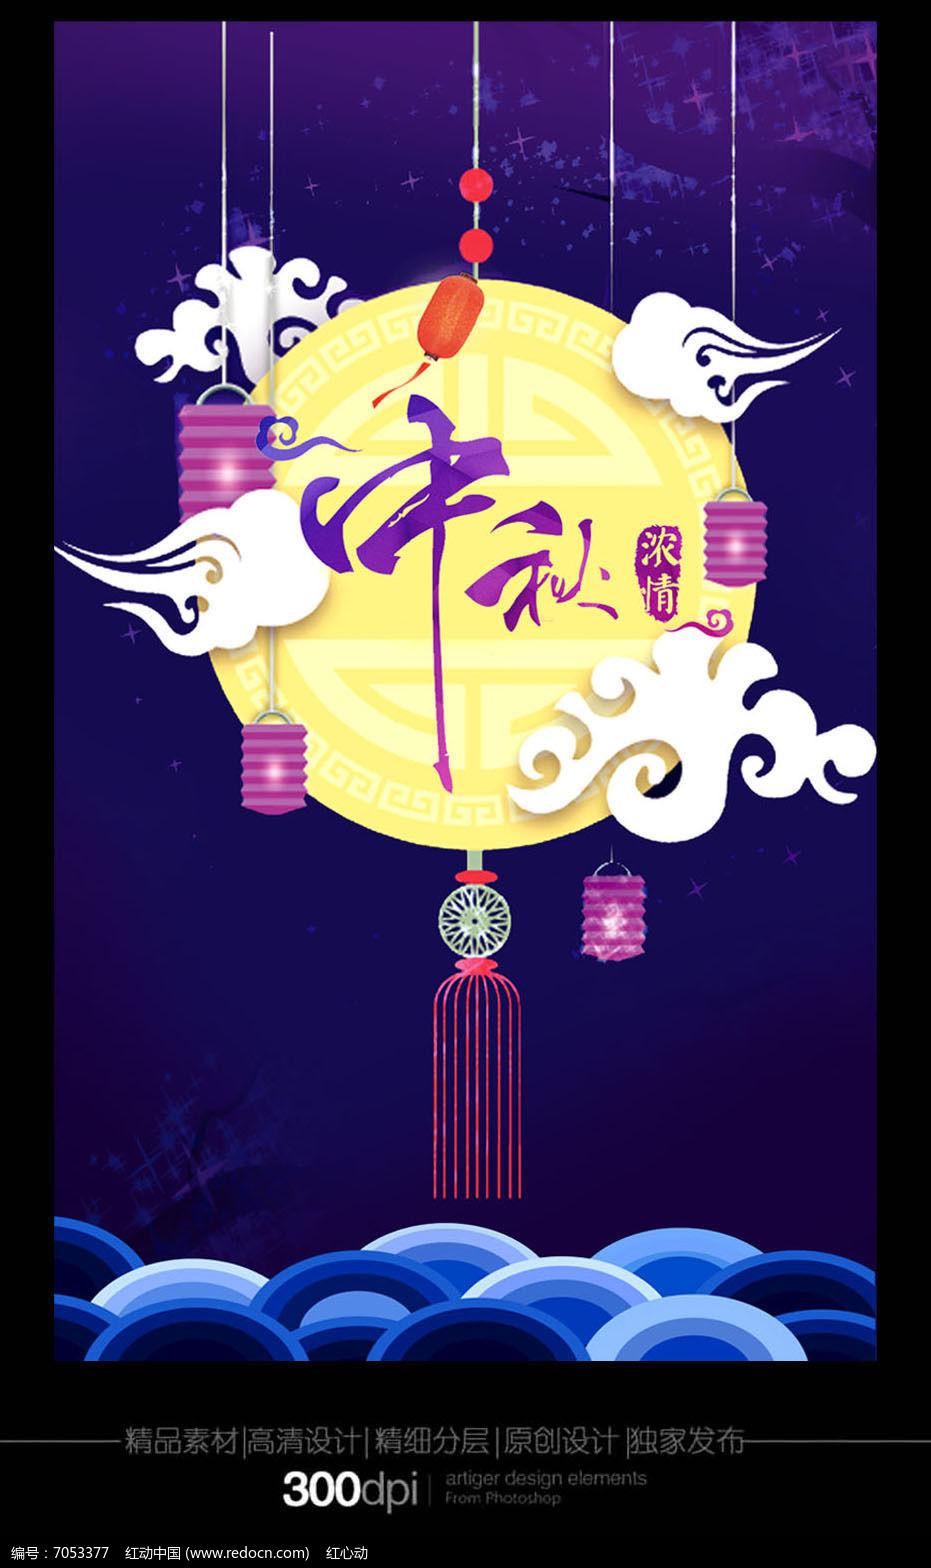 唯美创意中秋节海报psd素材下载(编号7053377)_红动网图片